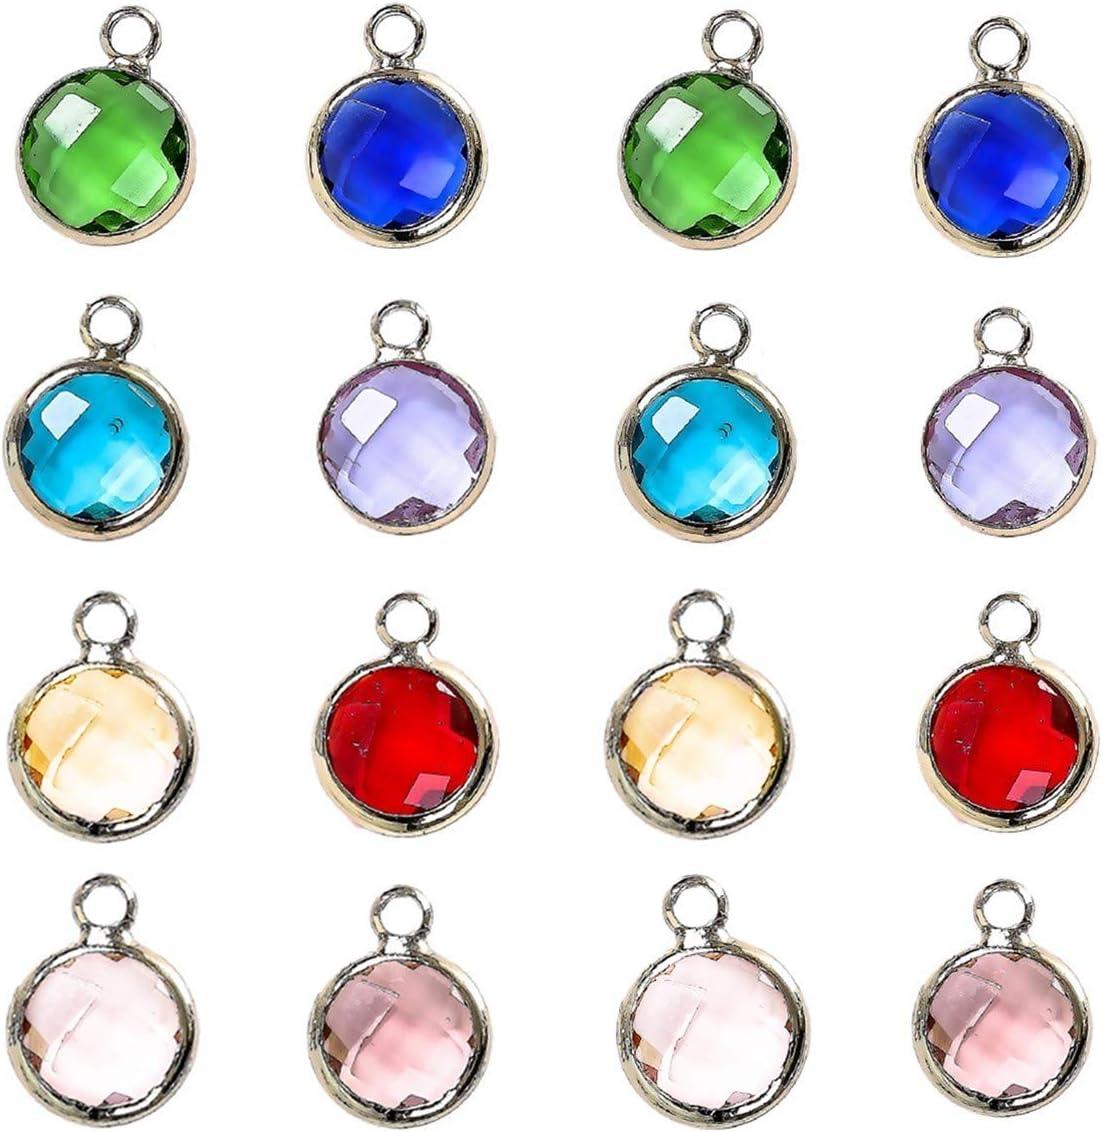 16 abalorios redondos de piedra natal de cristal para manualidades con anillos para hacer collares y pulseras